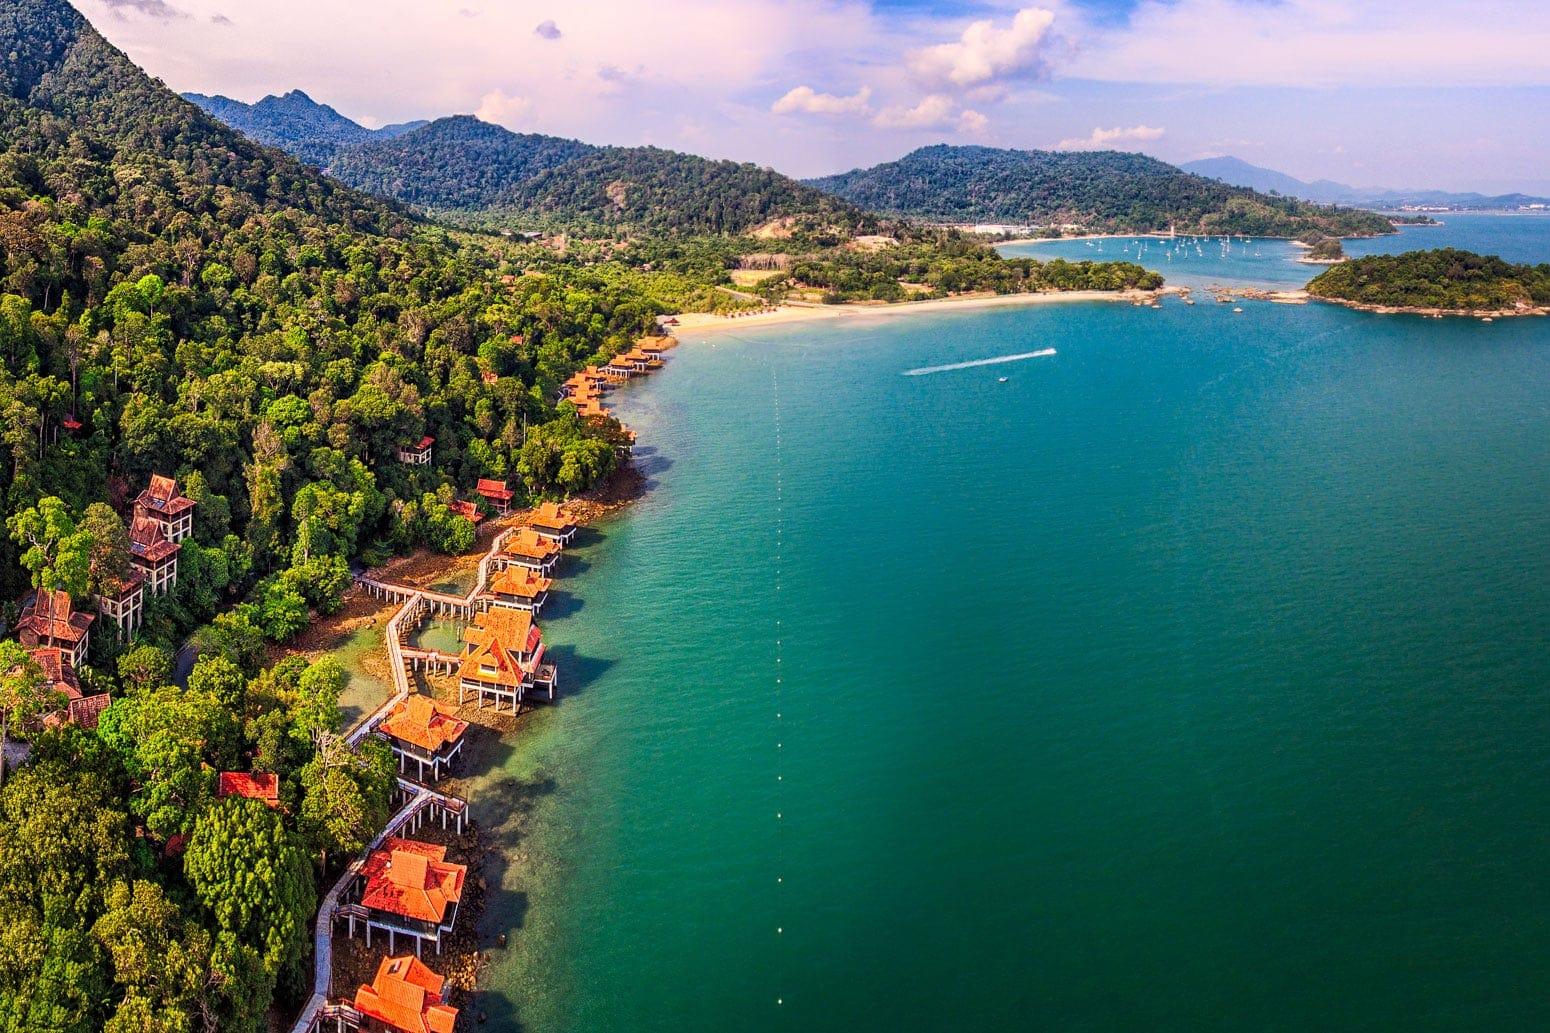 Langkawis Küste von oben | Langkawi, Malaysia